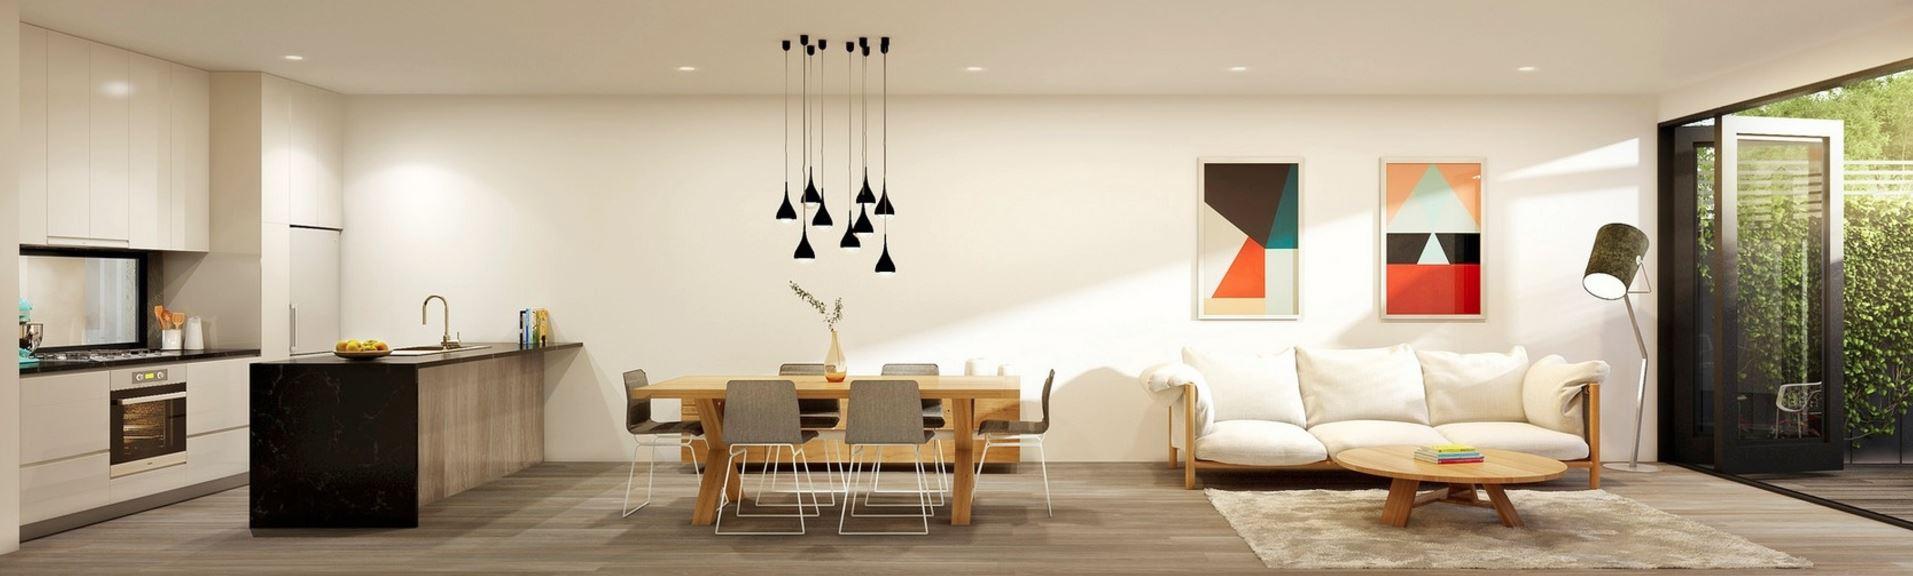 Best Comedor Cocina Contemporary - Casa & Diseño Ideas ...